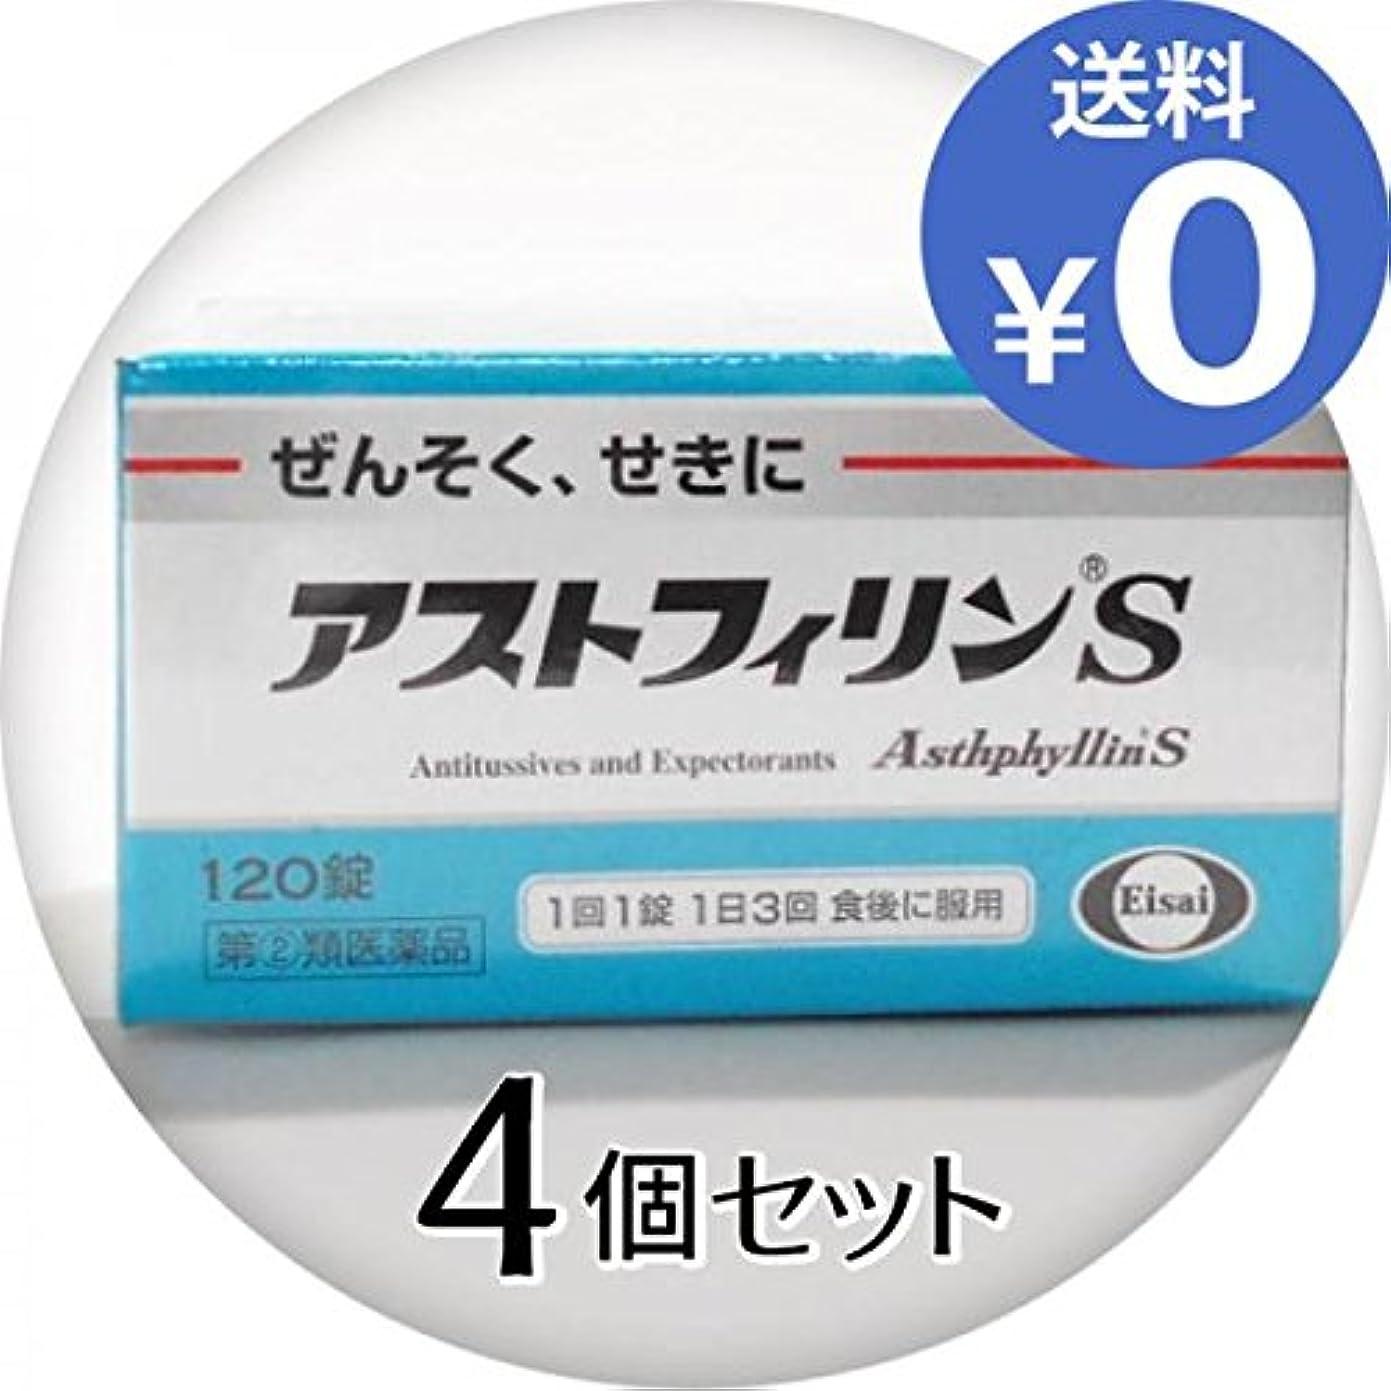 がっかりする受粉するエージェント【指定第2類医薬品】アストフィリンS 45錠 ×4